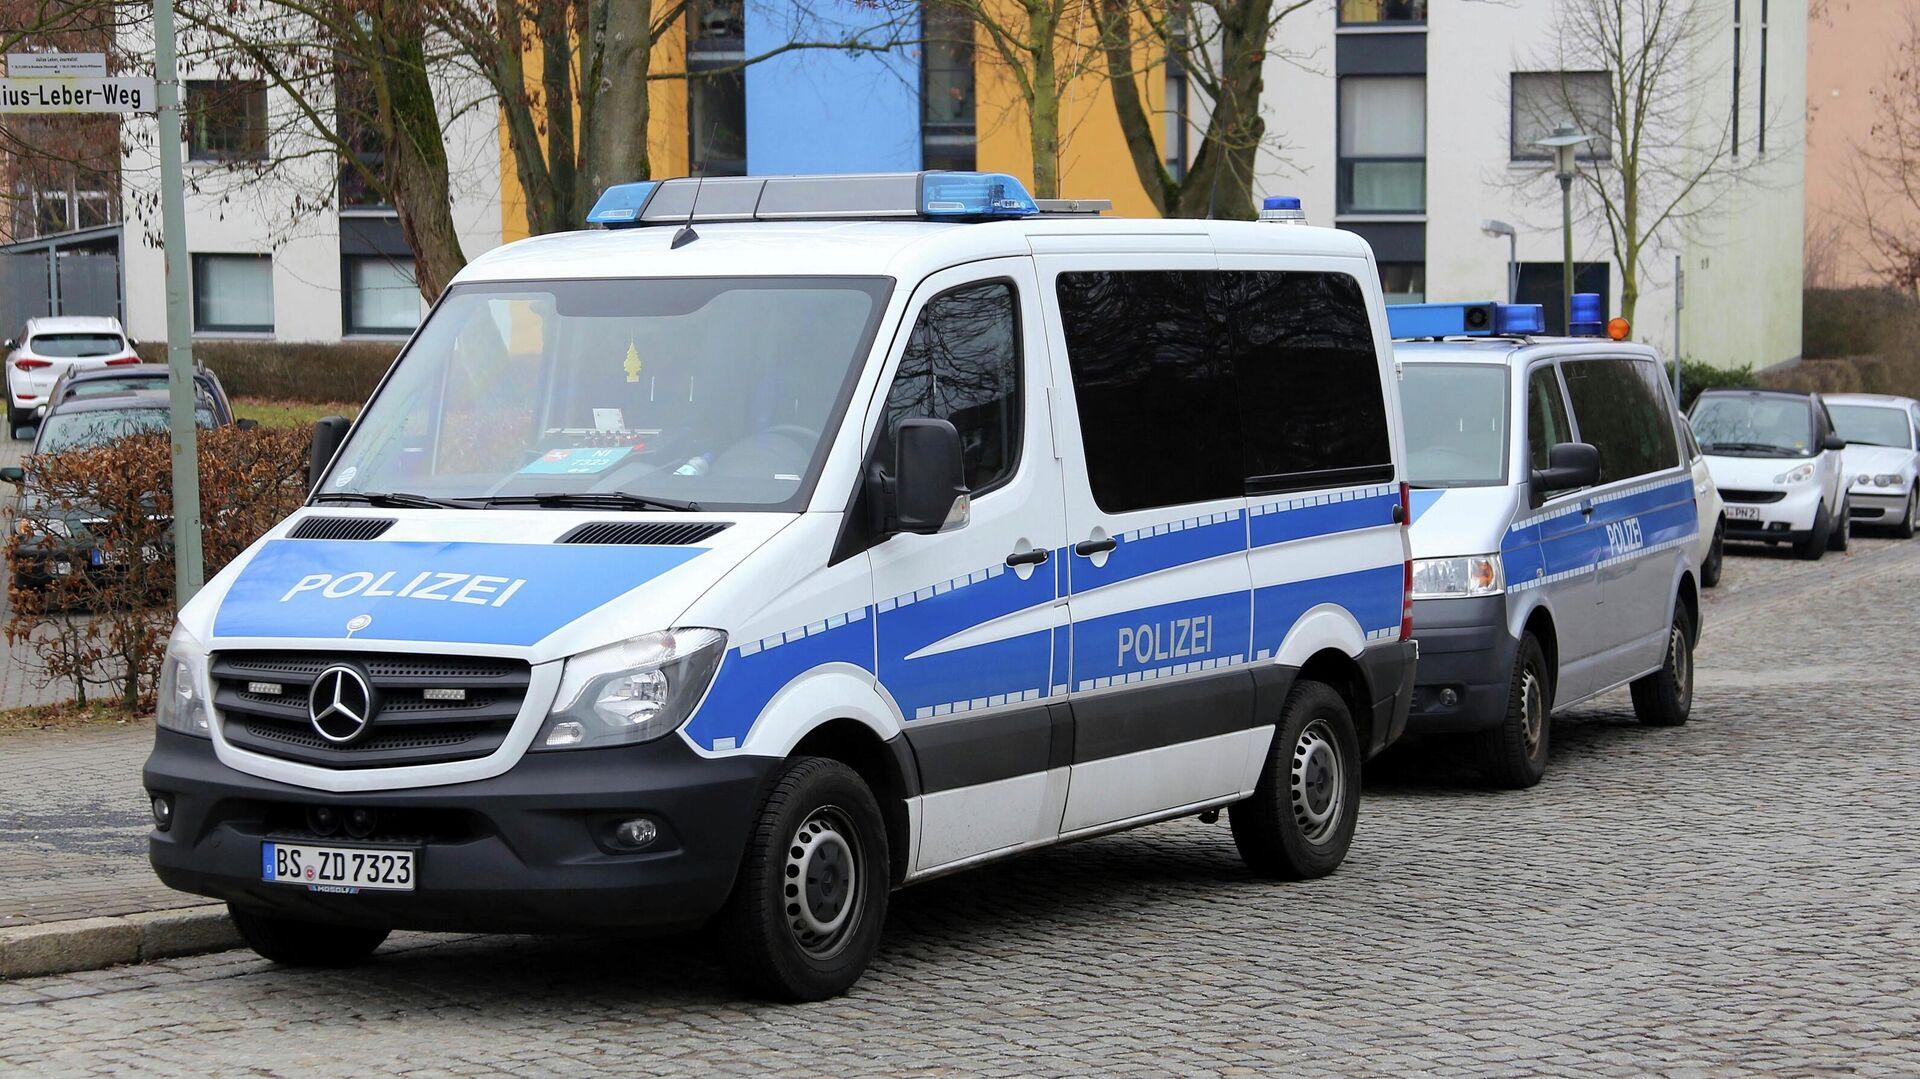 Автомобили полиции Германии - РИА Новости, 1920, 28.06.2021